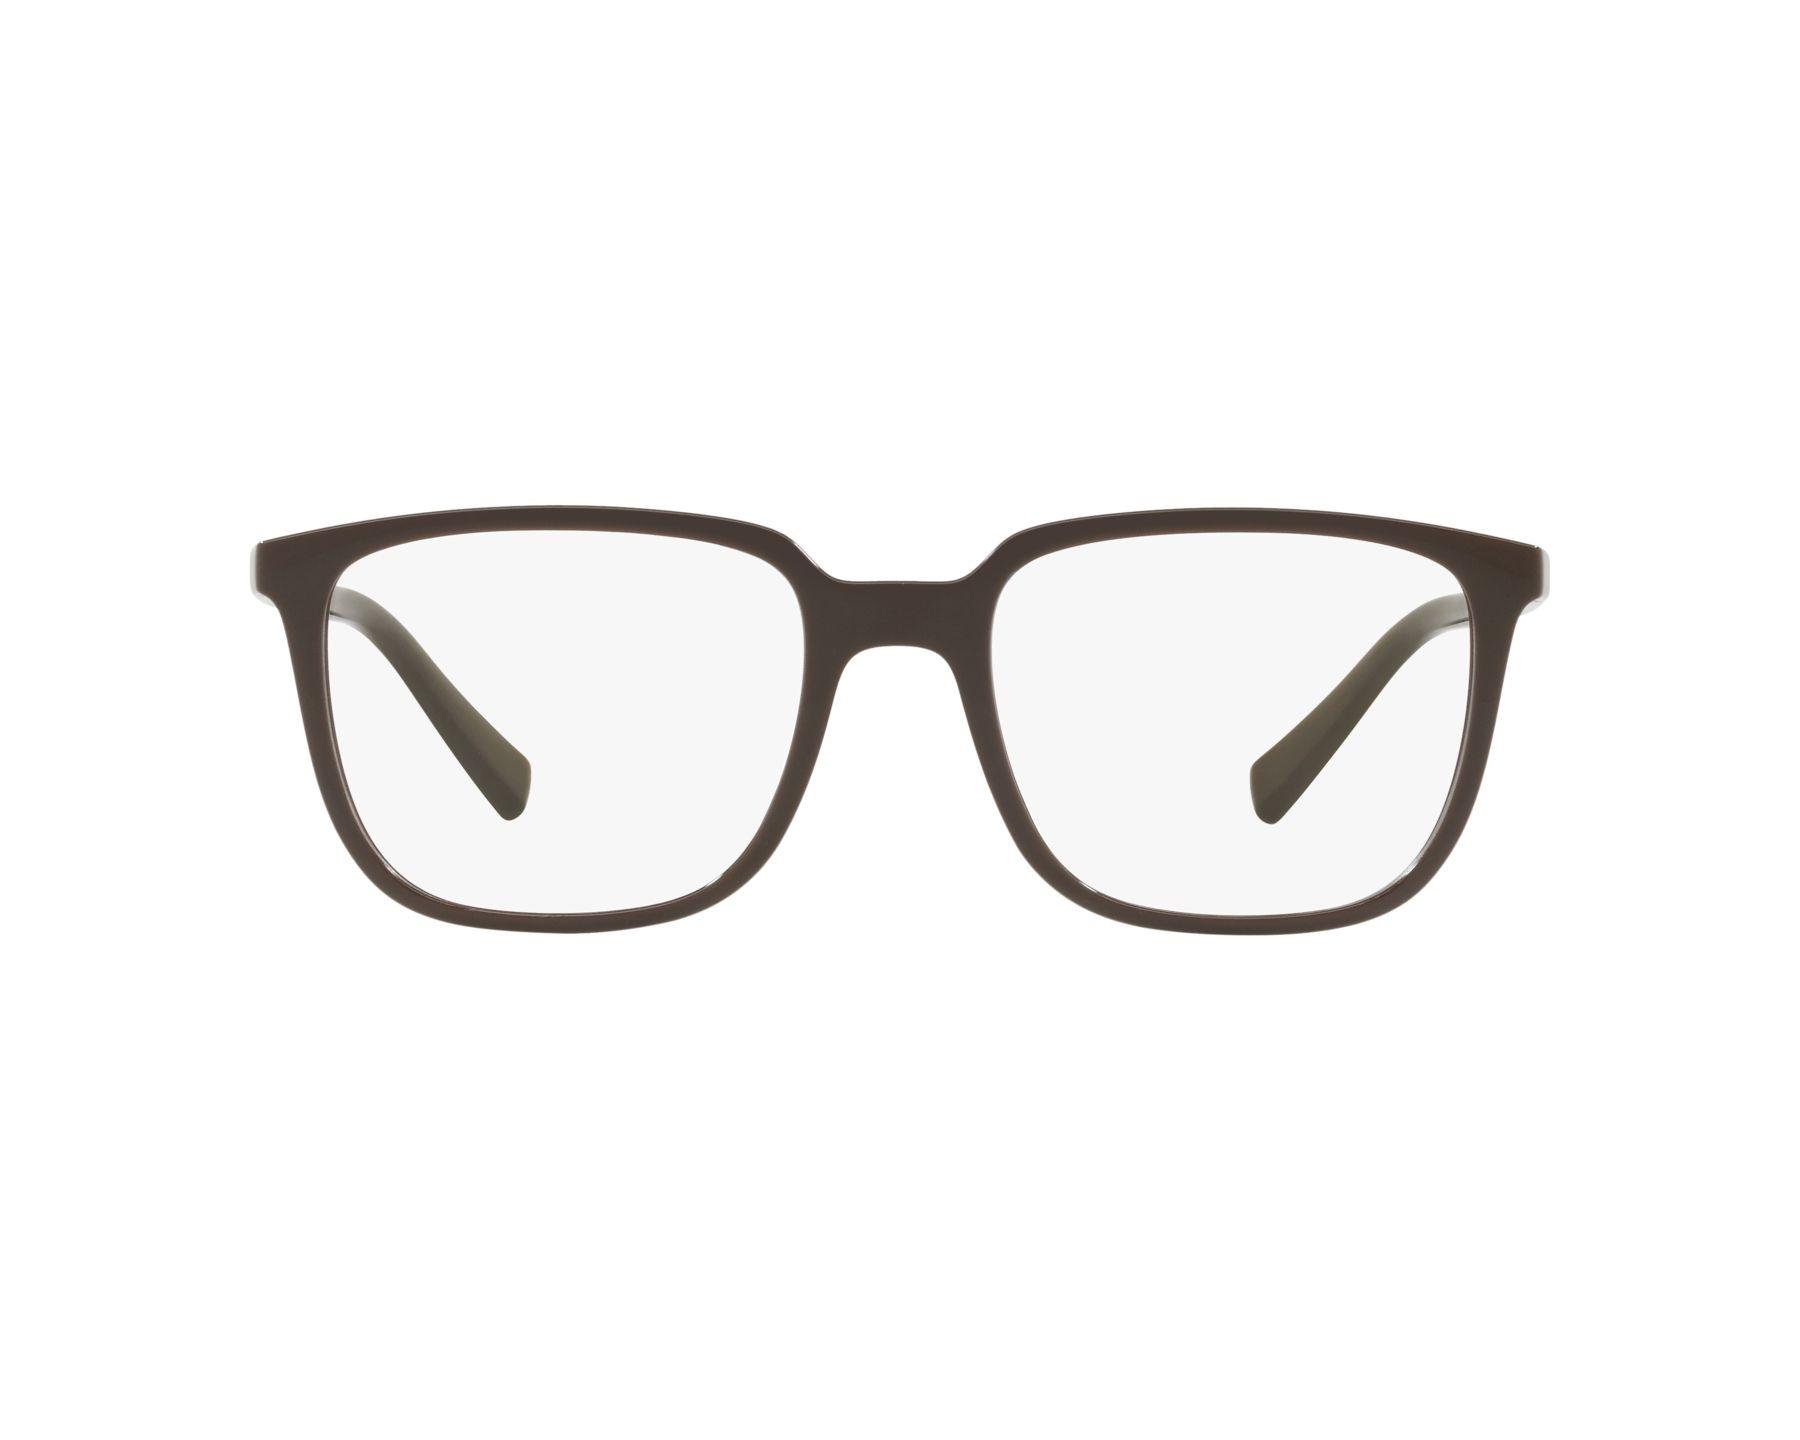 a4967df3eb5 eyeglasses Dolce   Gabbana DG-5029 3159 54-18 Brown 360 degree view 1